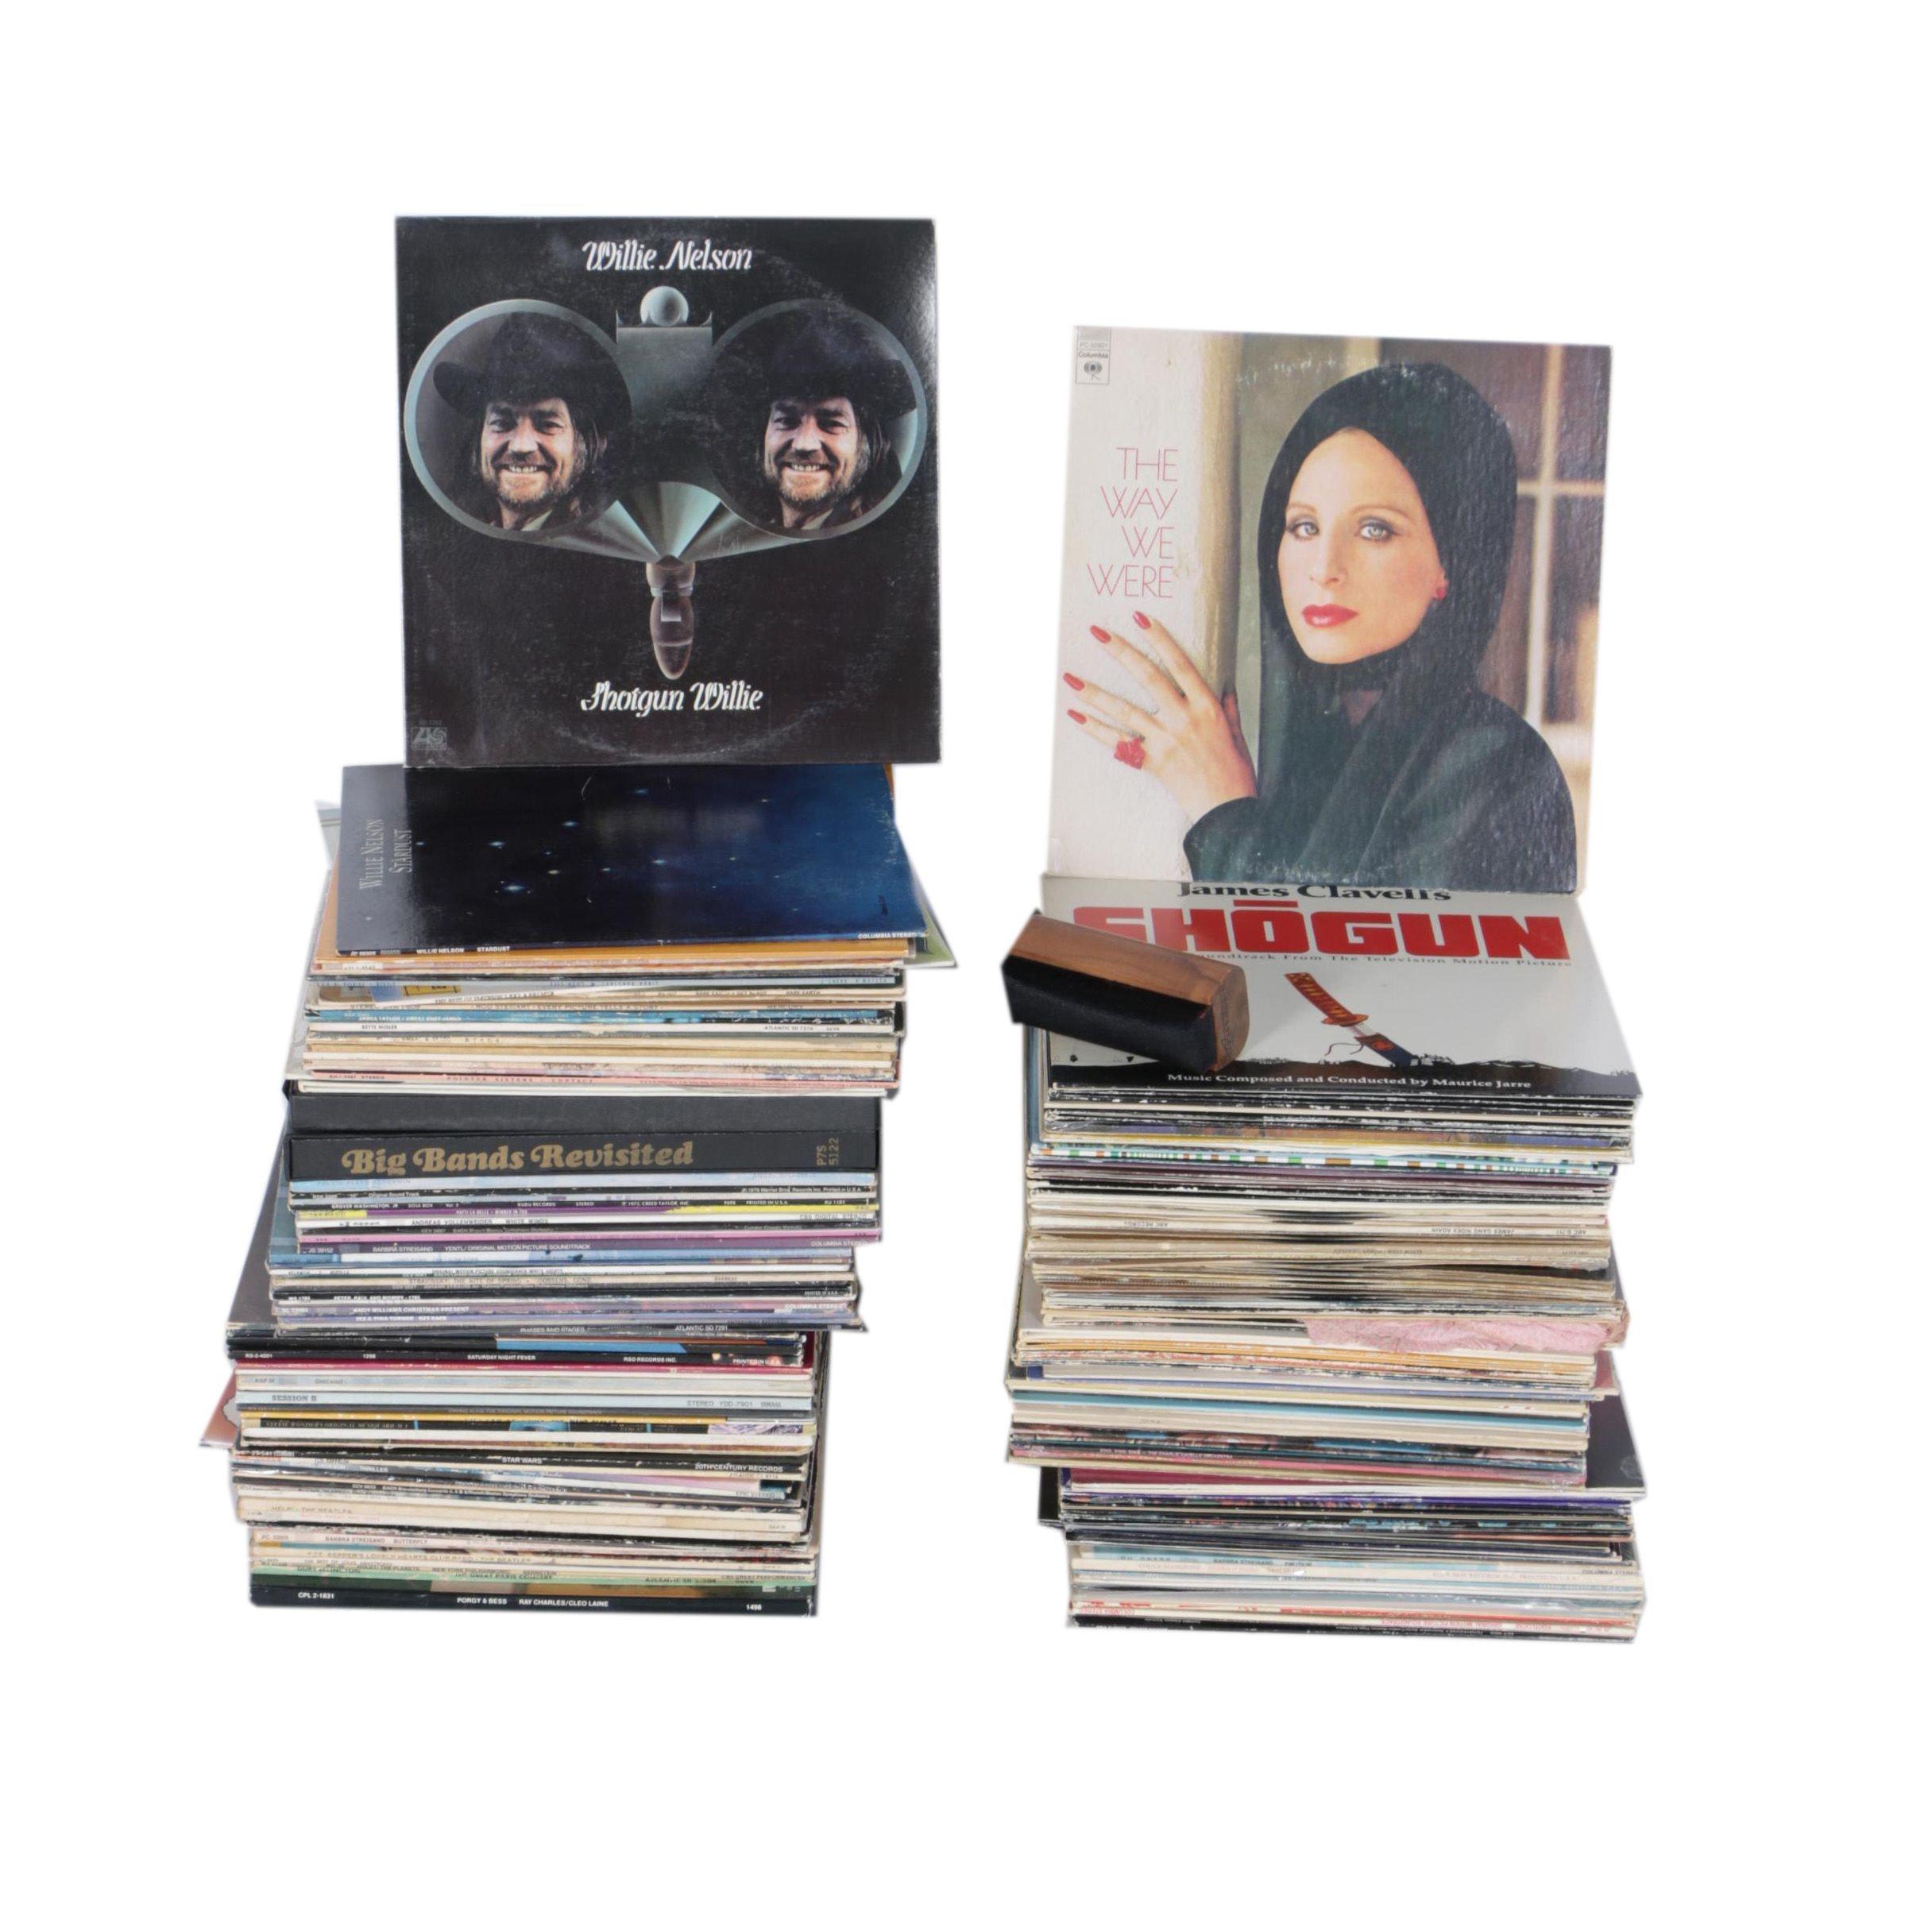 Willie Nelson, Barbra Streisand, Glenn Miller, and Other Records